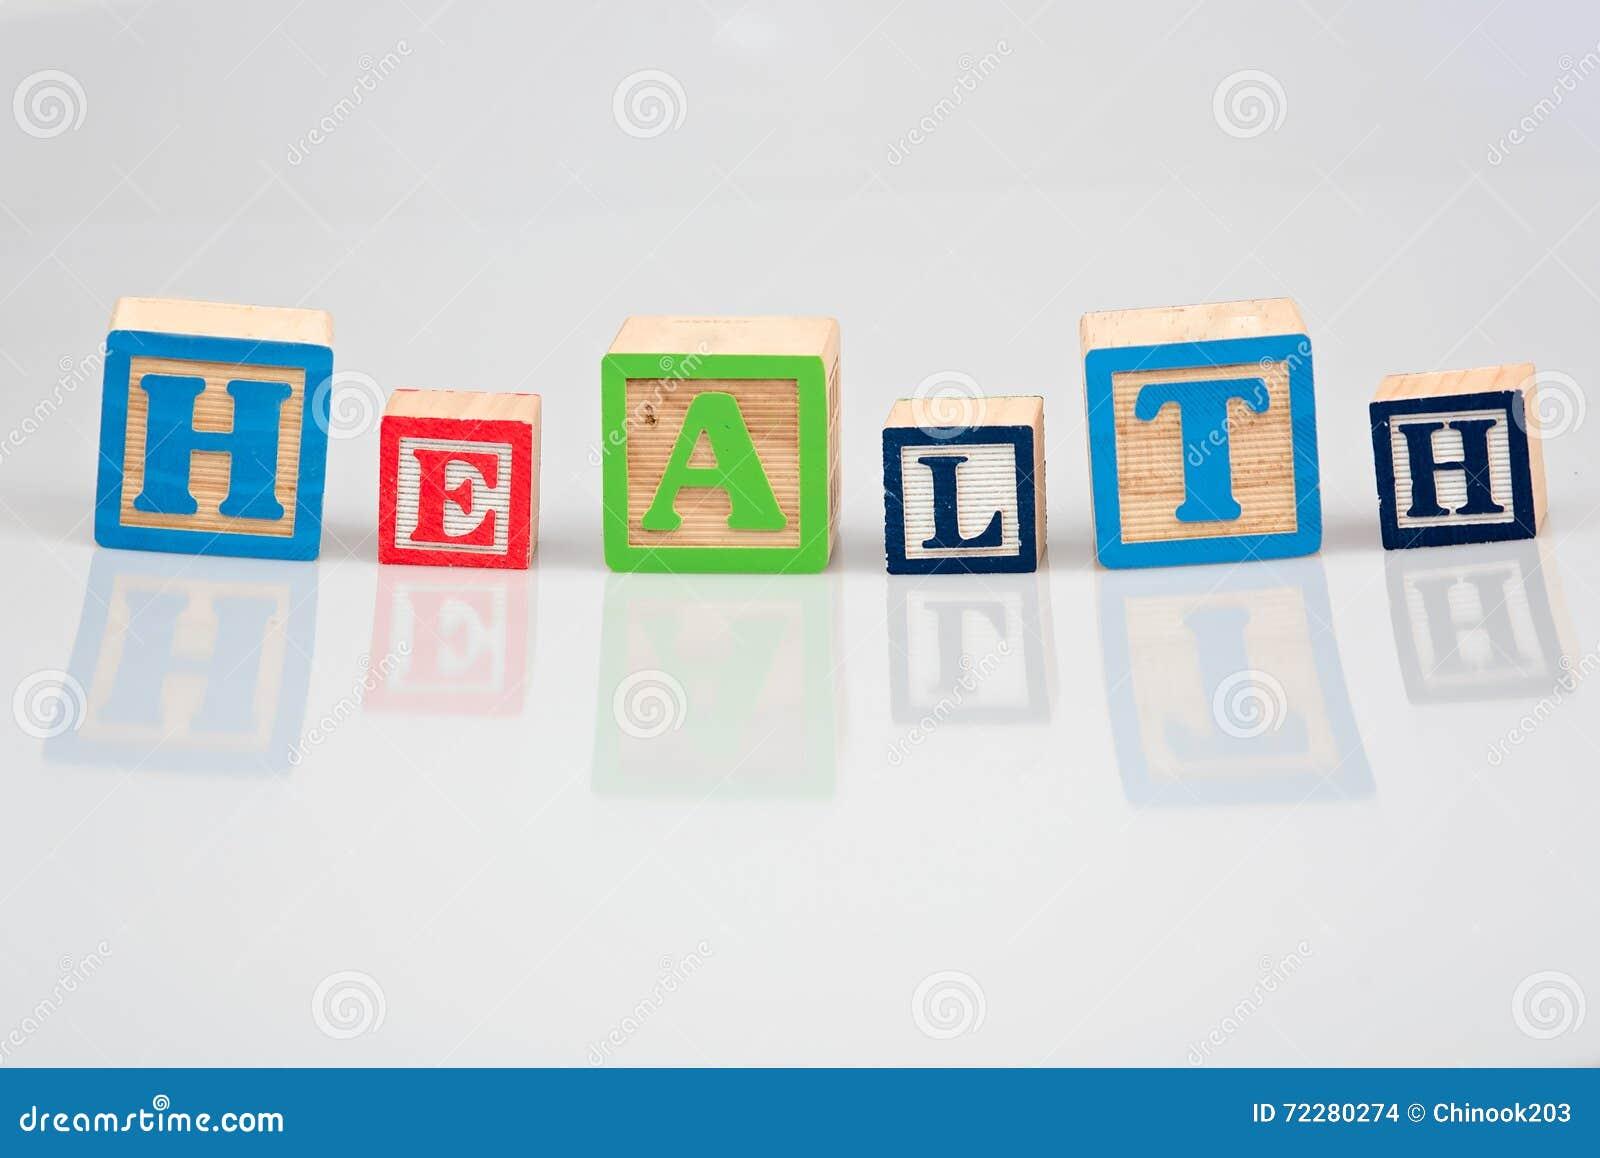 Download Здоровье в деревянных блоках Стоковое Фото - изображение насчитывающей диетпитание, углеводы: 72280274